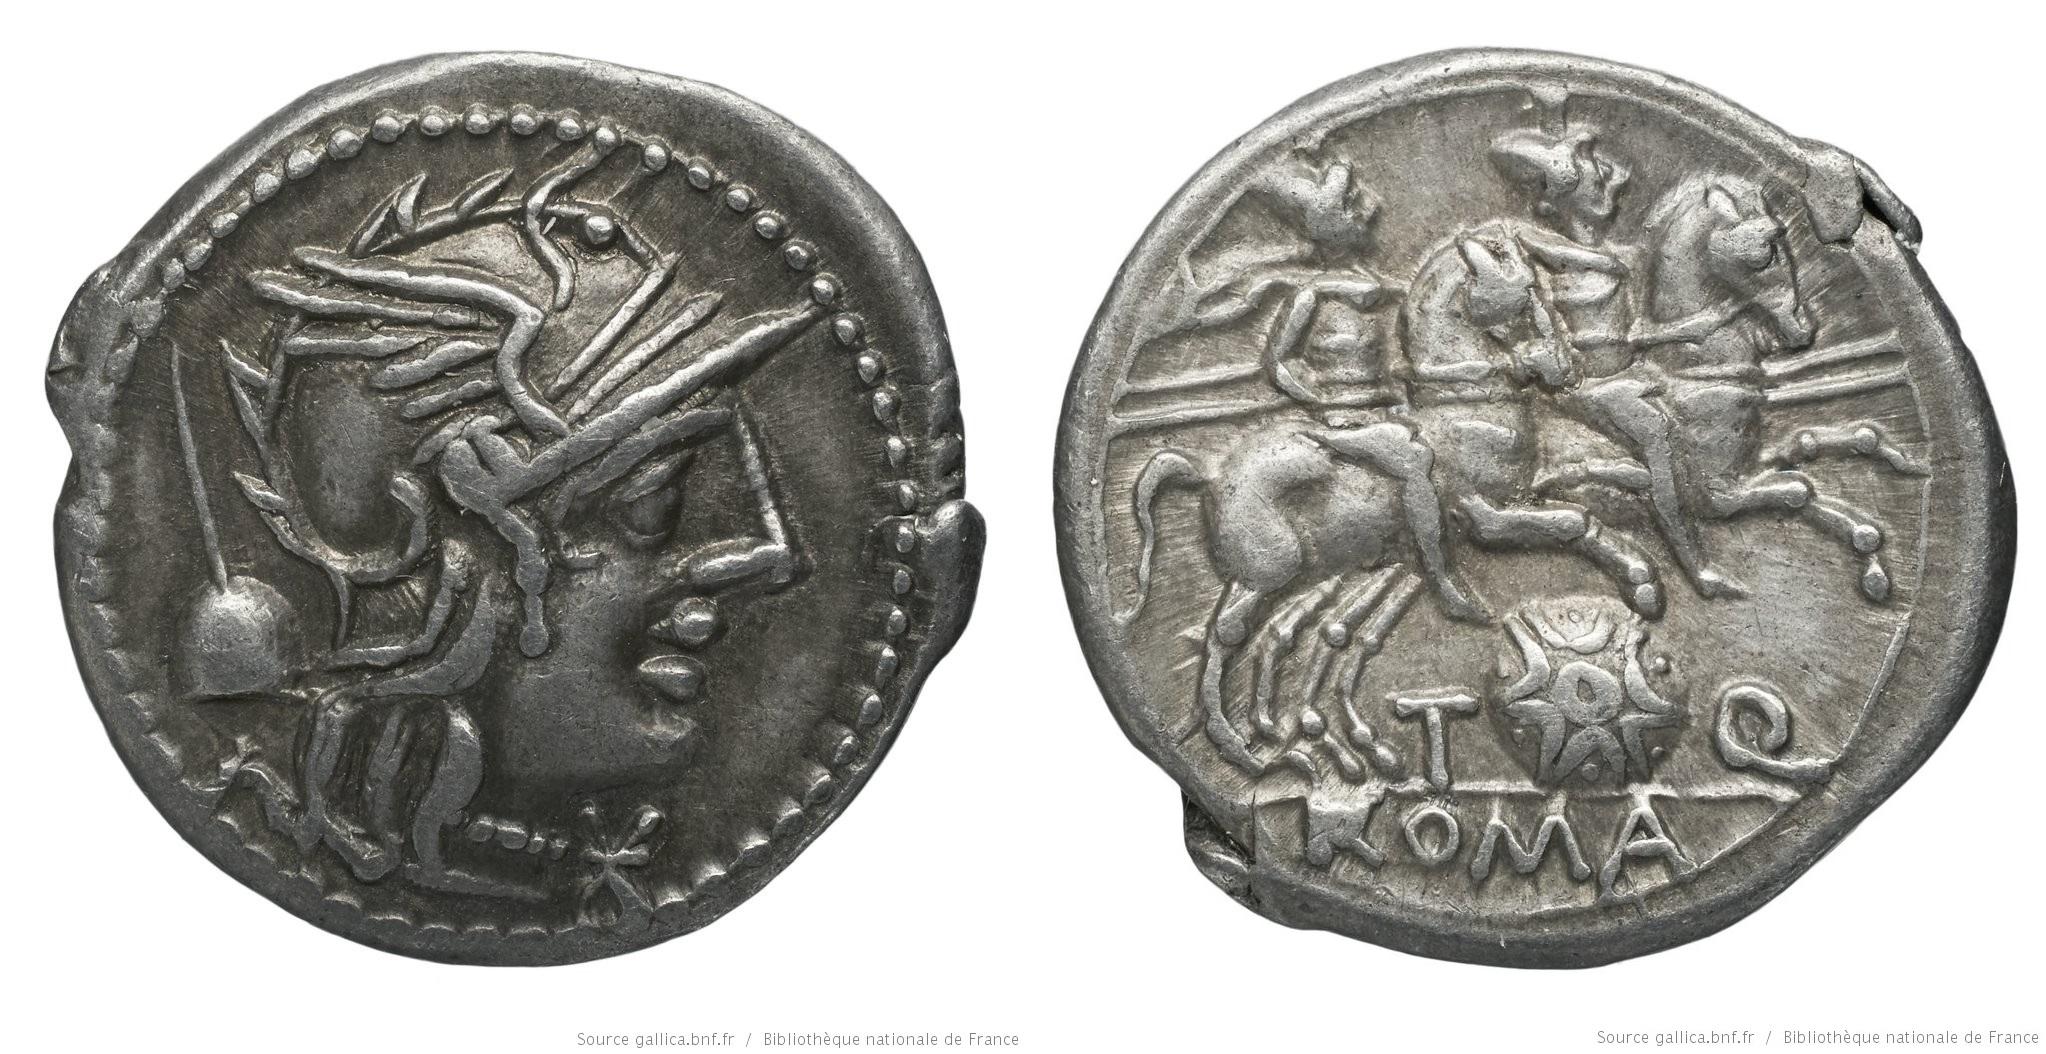 1035QU – Denier Quinctia – Titus Quinctius Flaminius